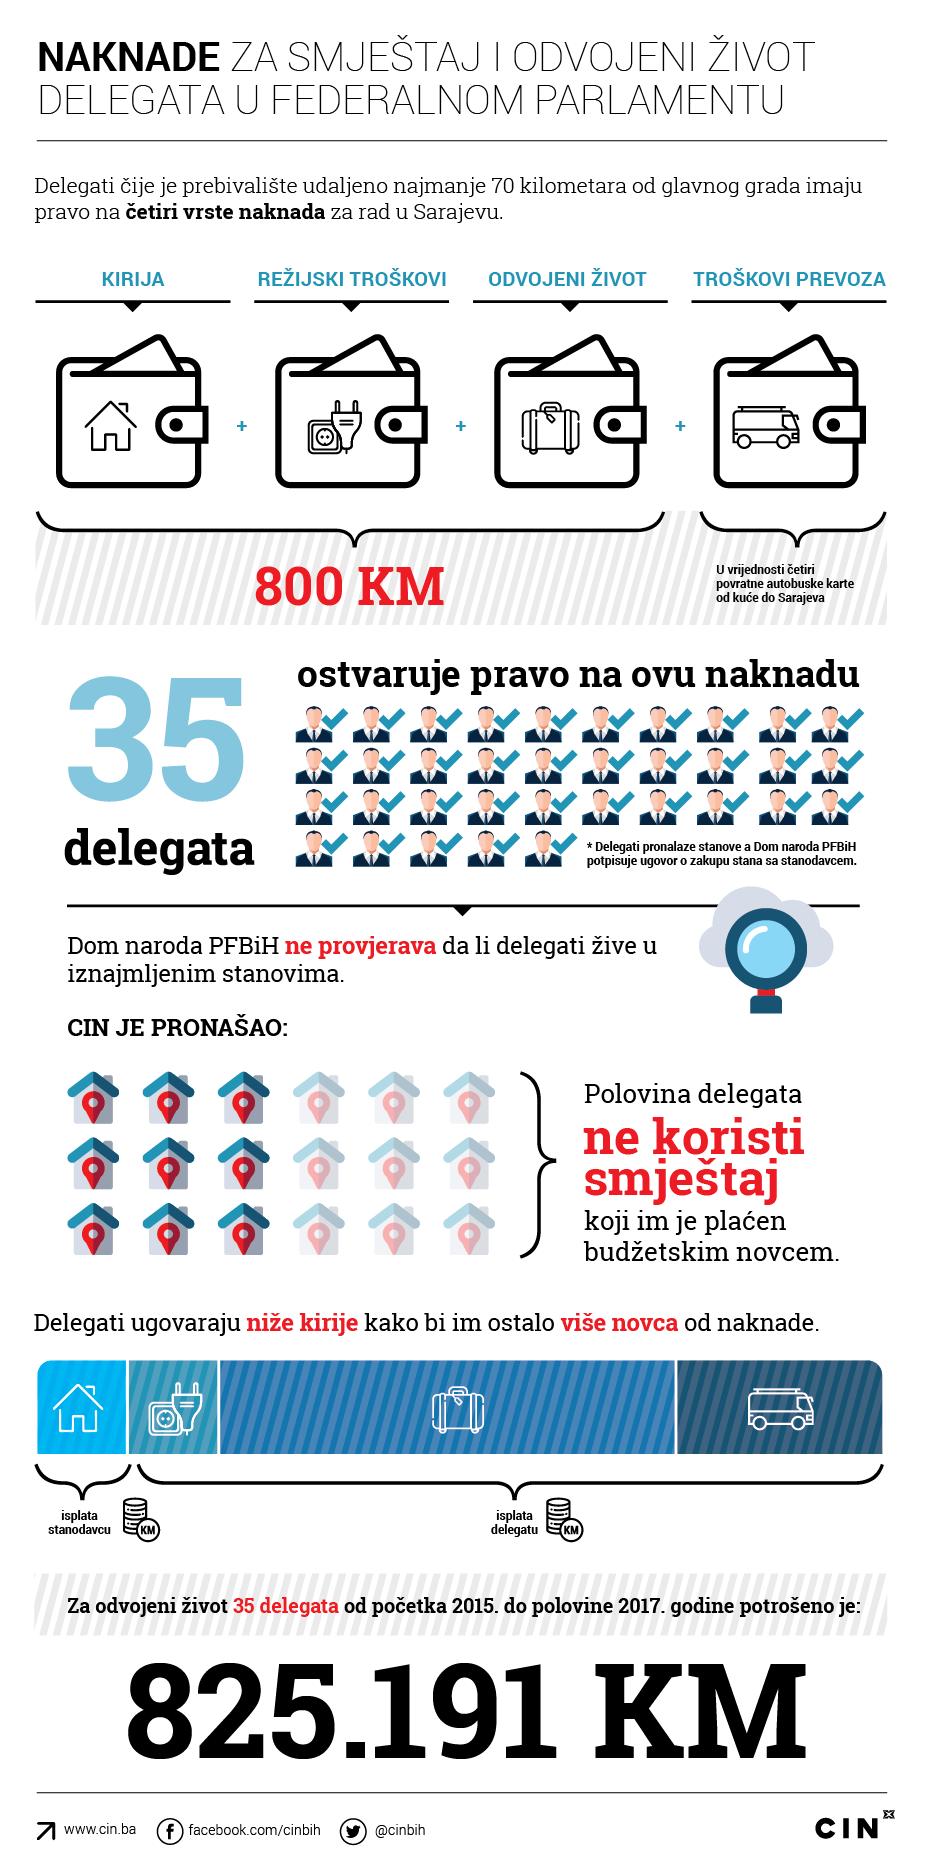 Delegati FBiH, CIN